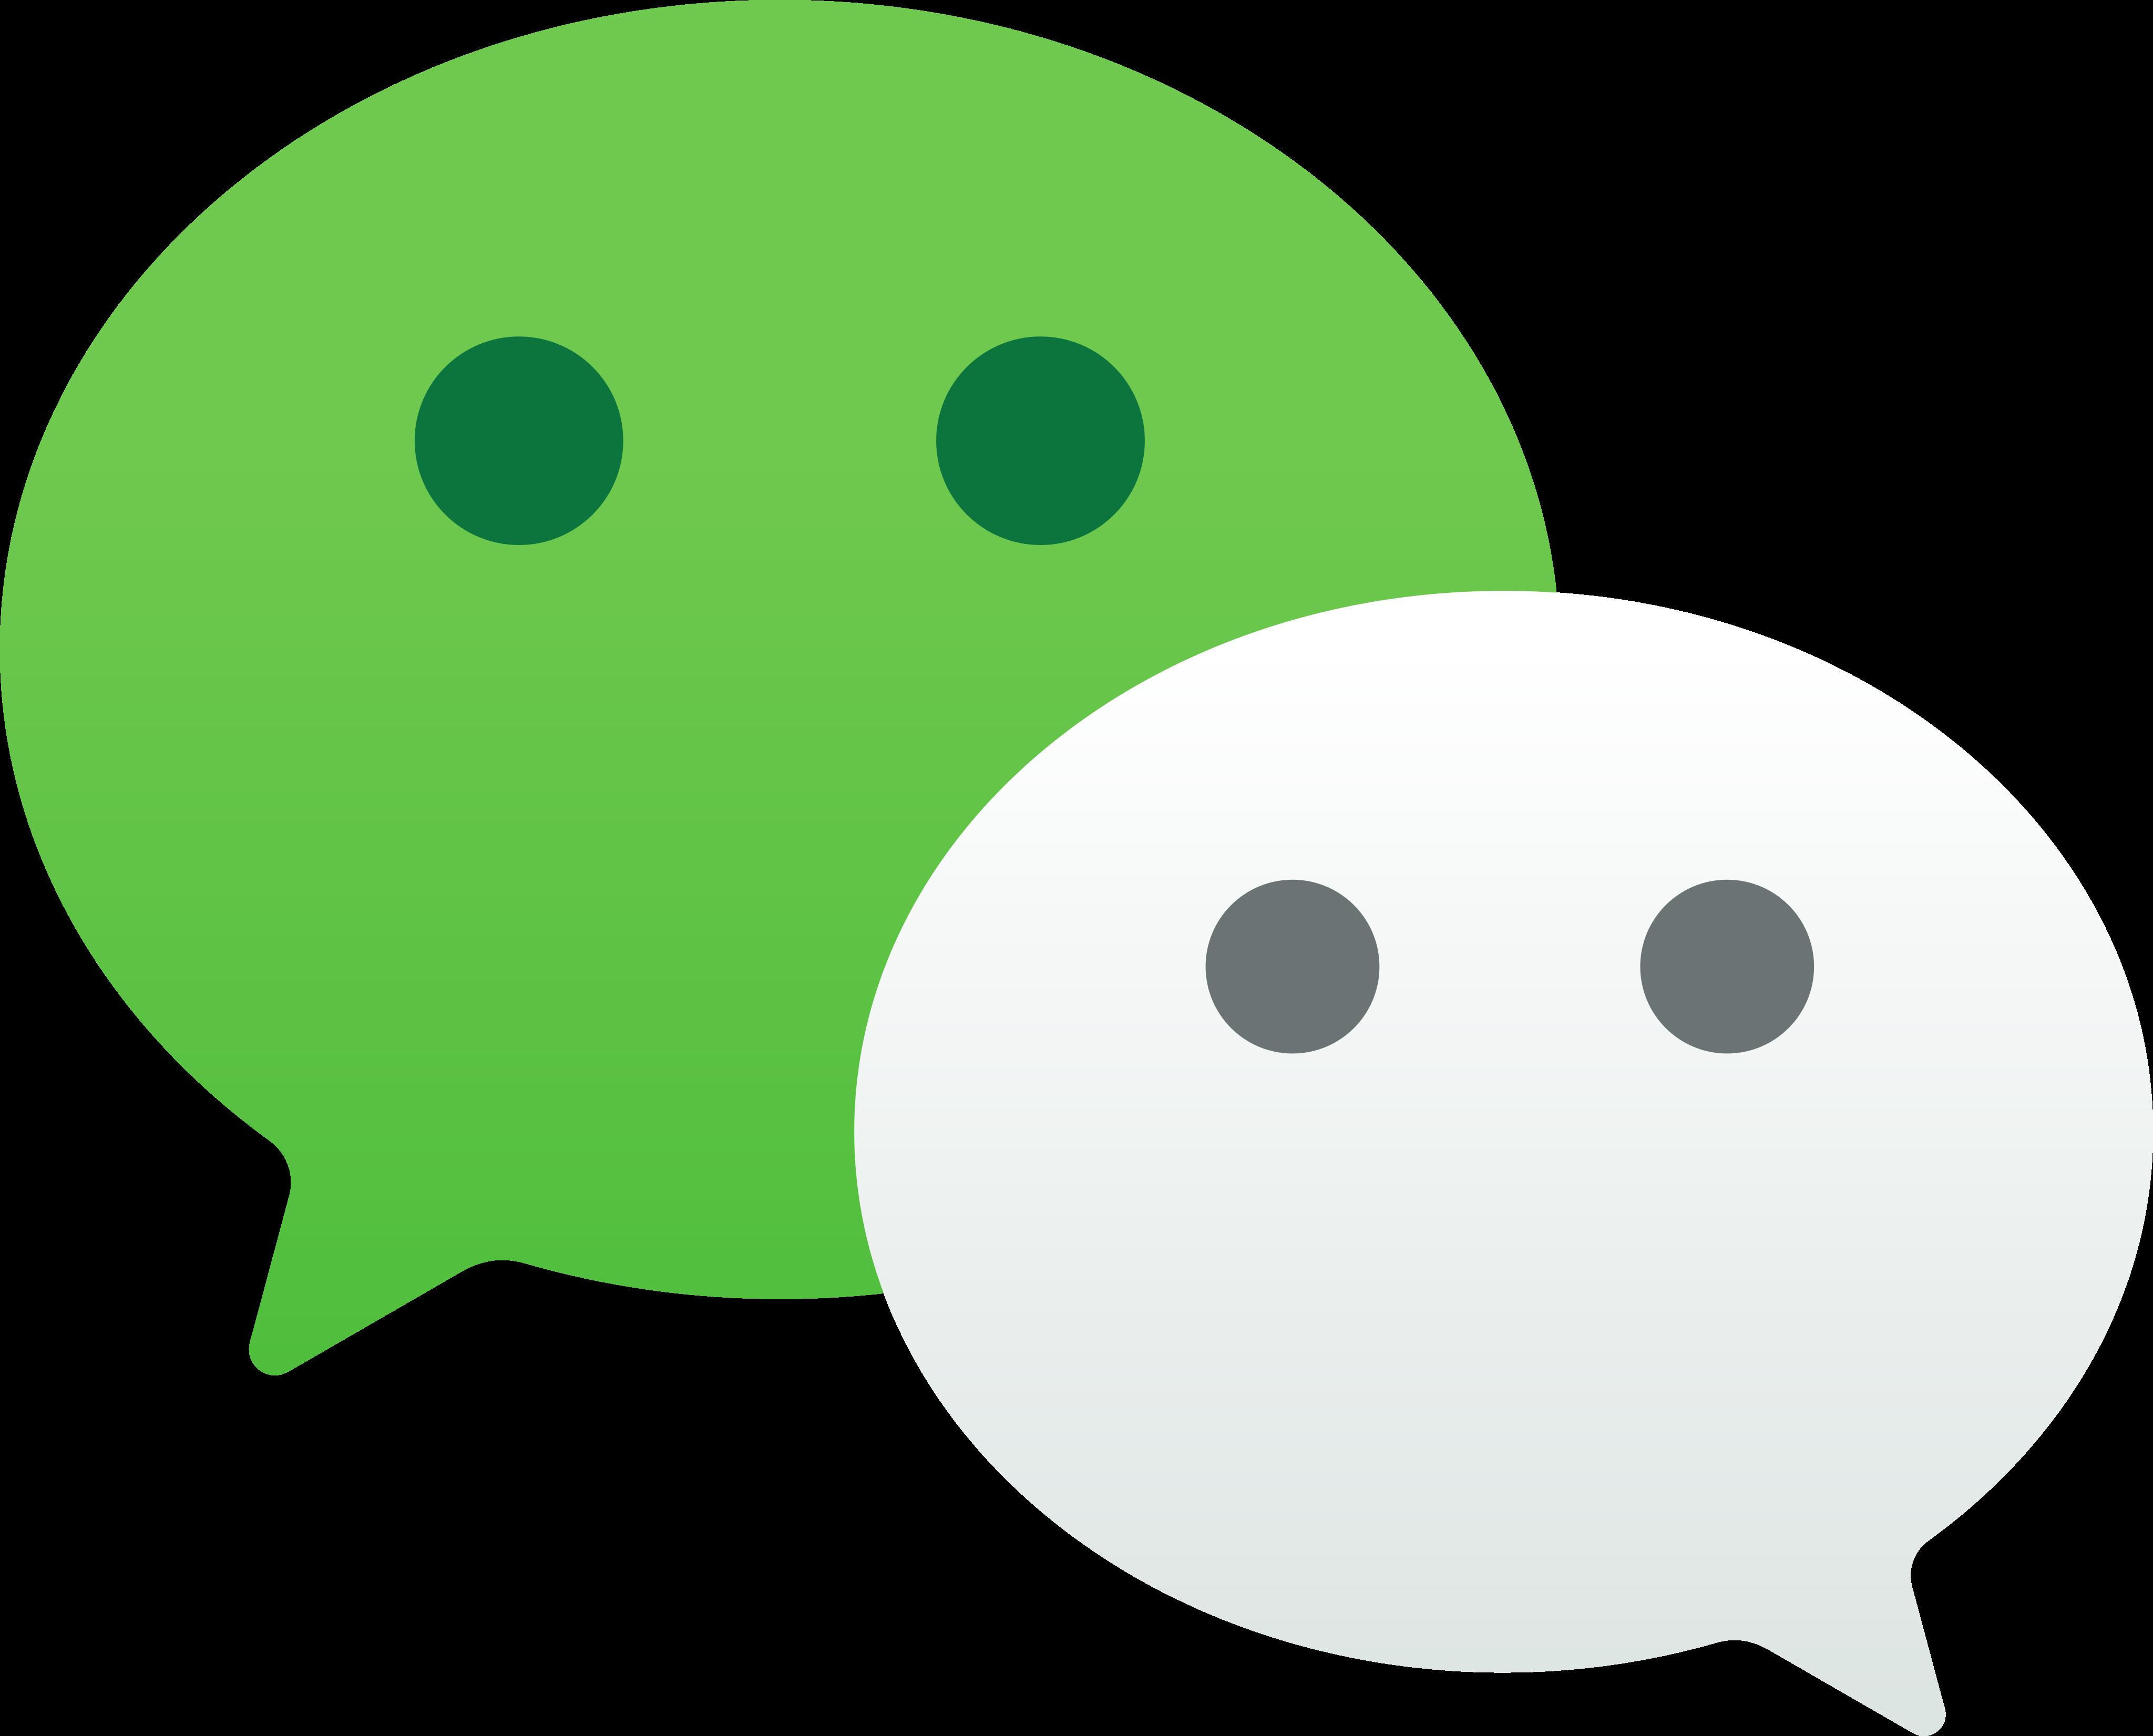 wechat logo 02 - WeChat Logo